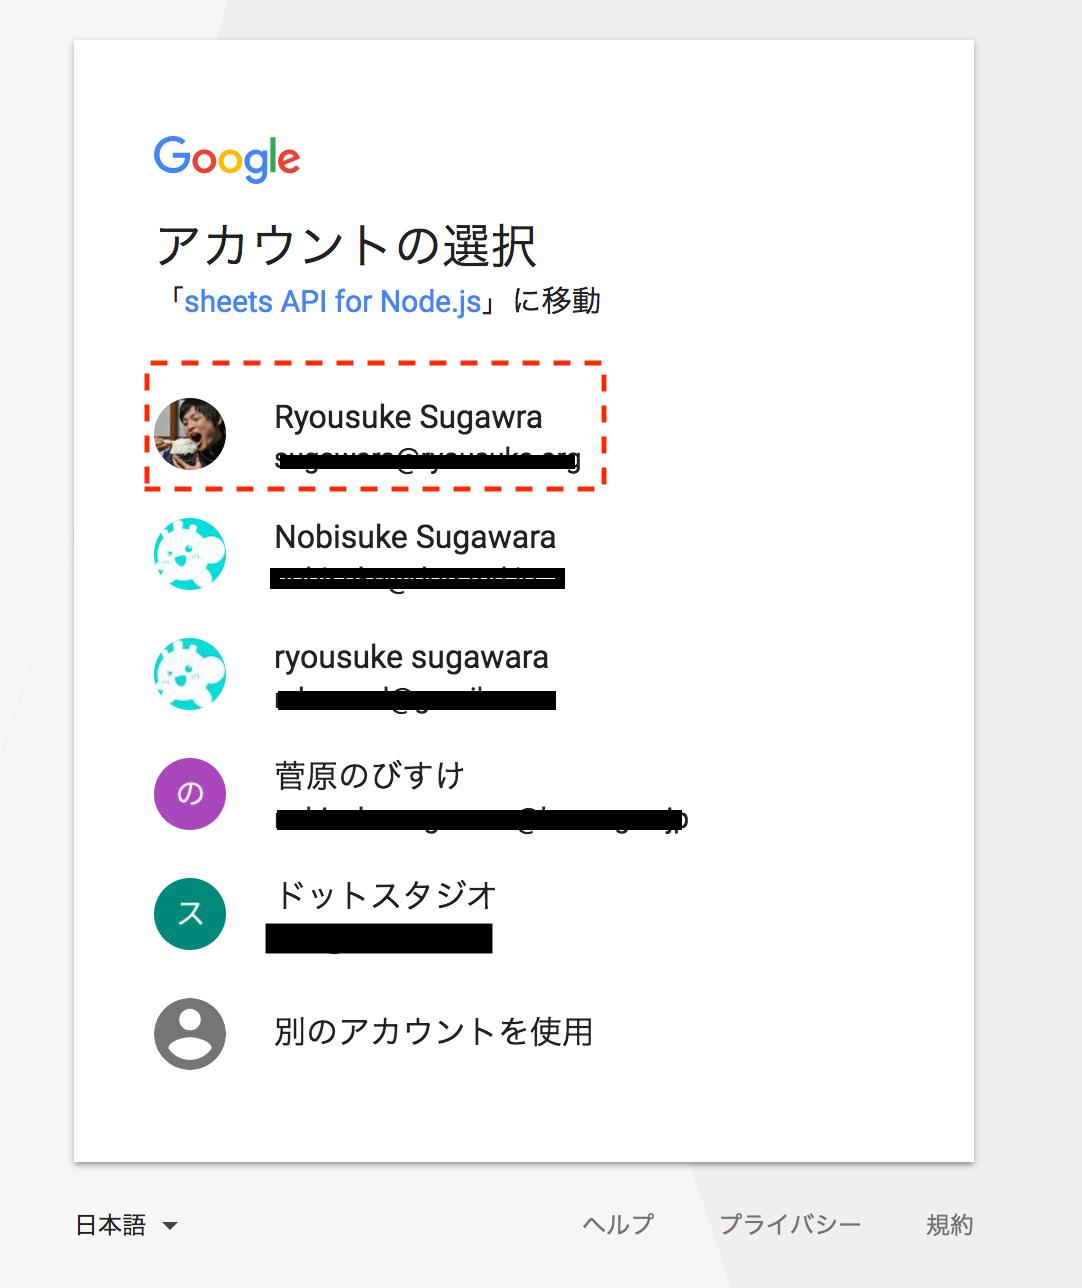 スクリーンショット 2017-12-04 11.52.54.png